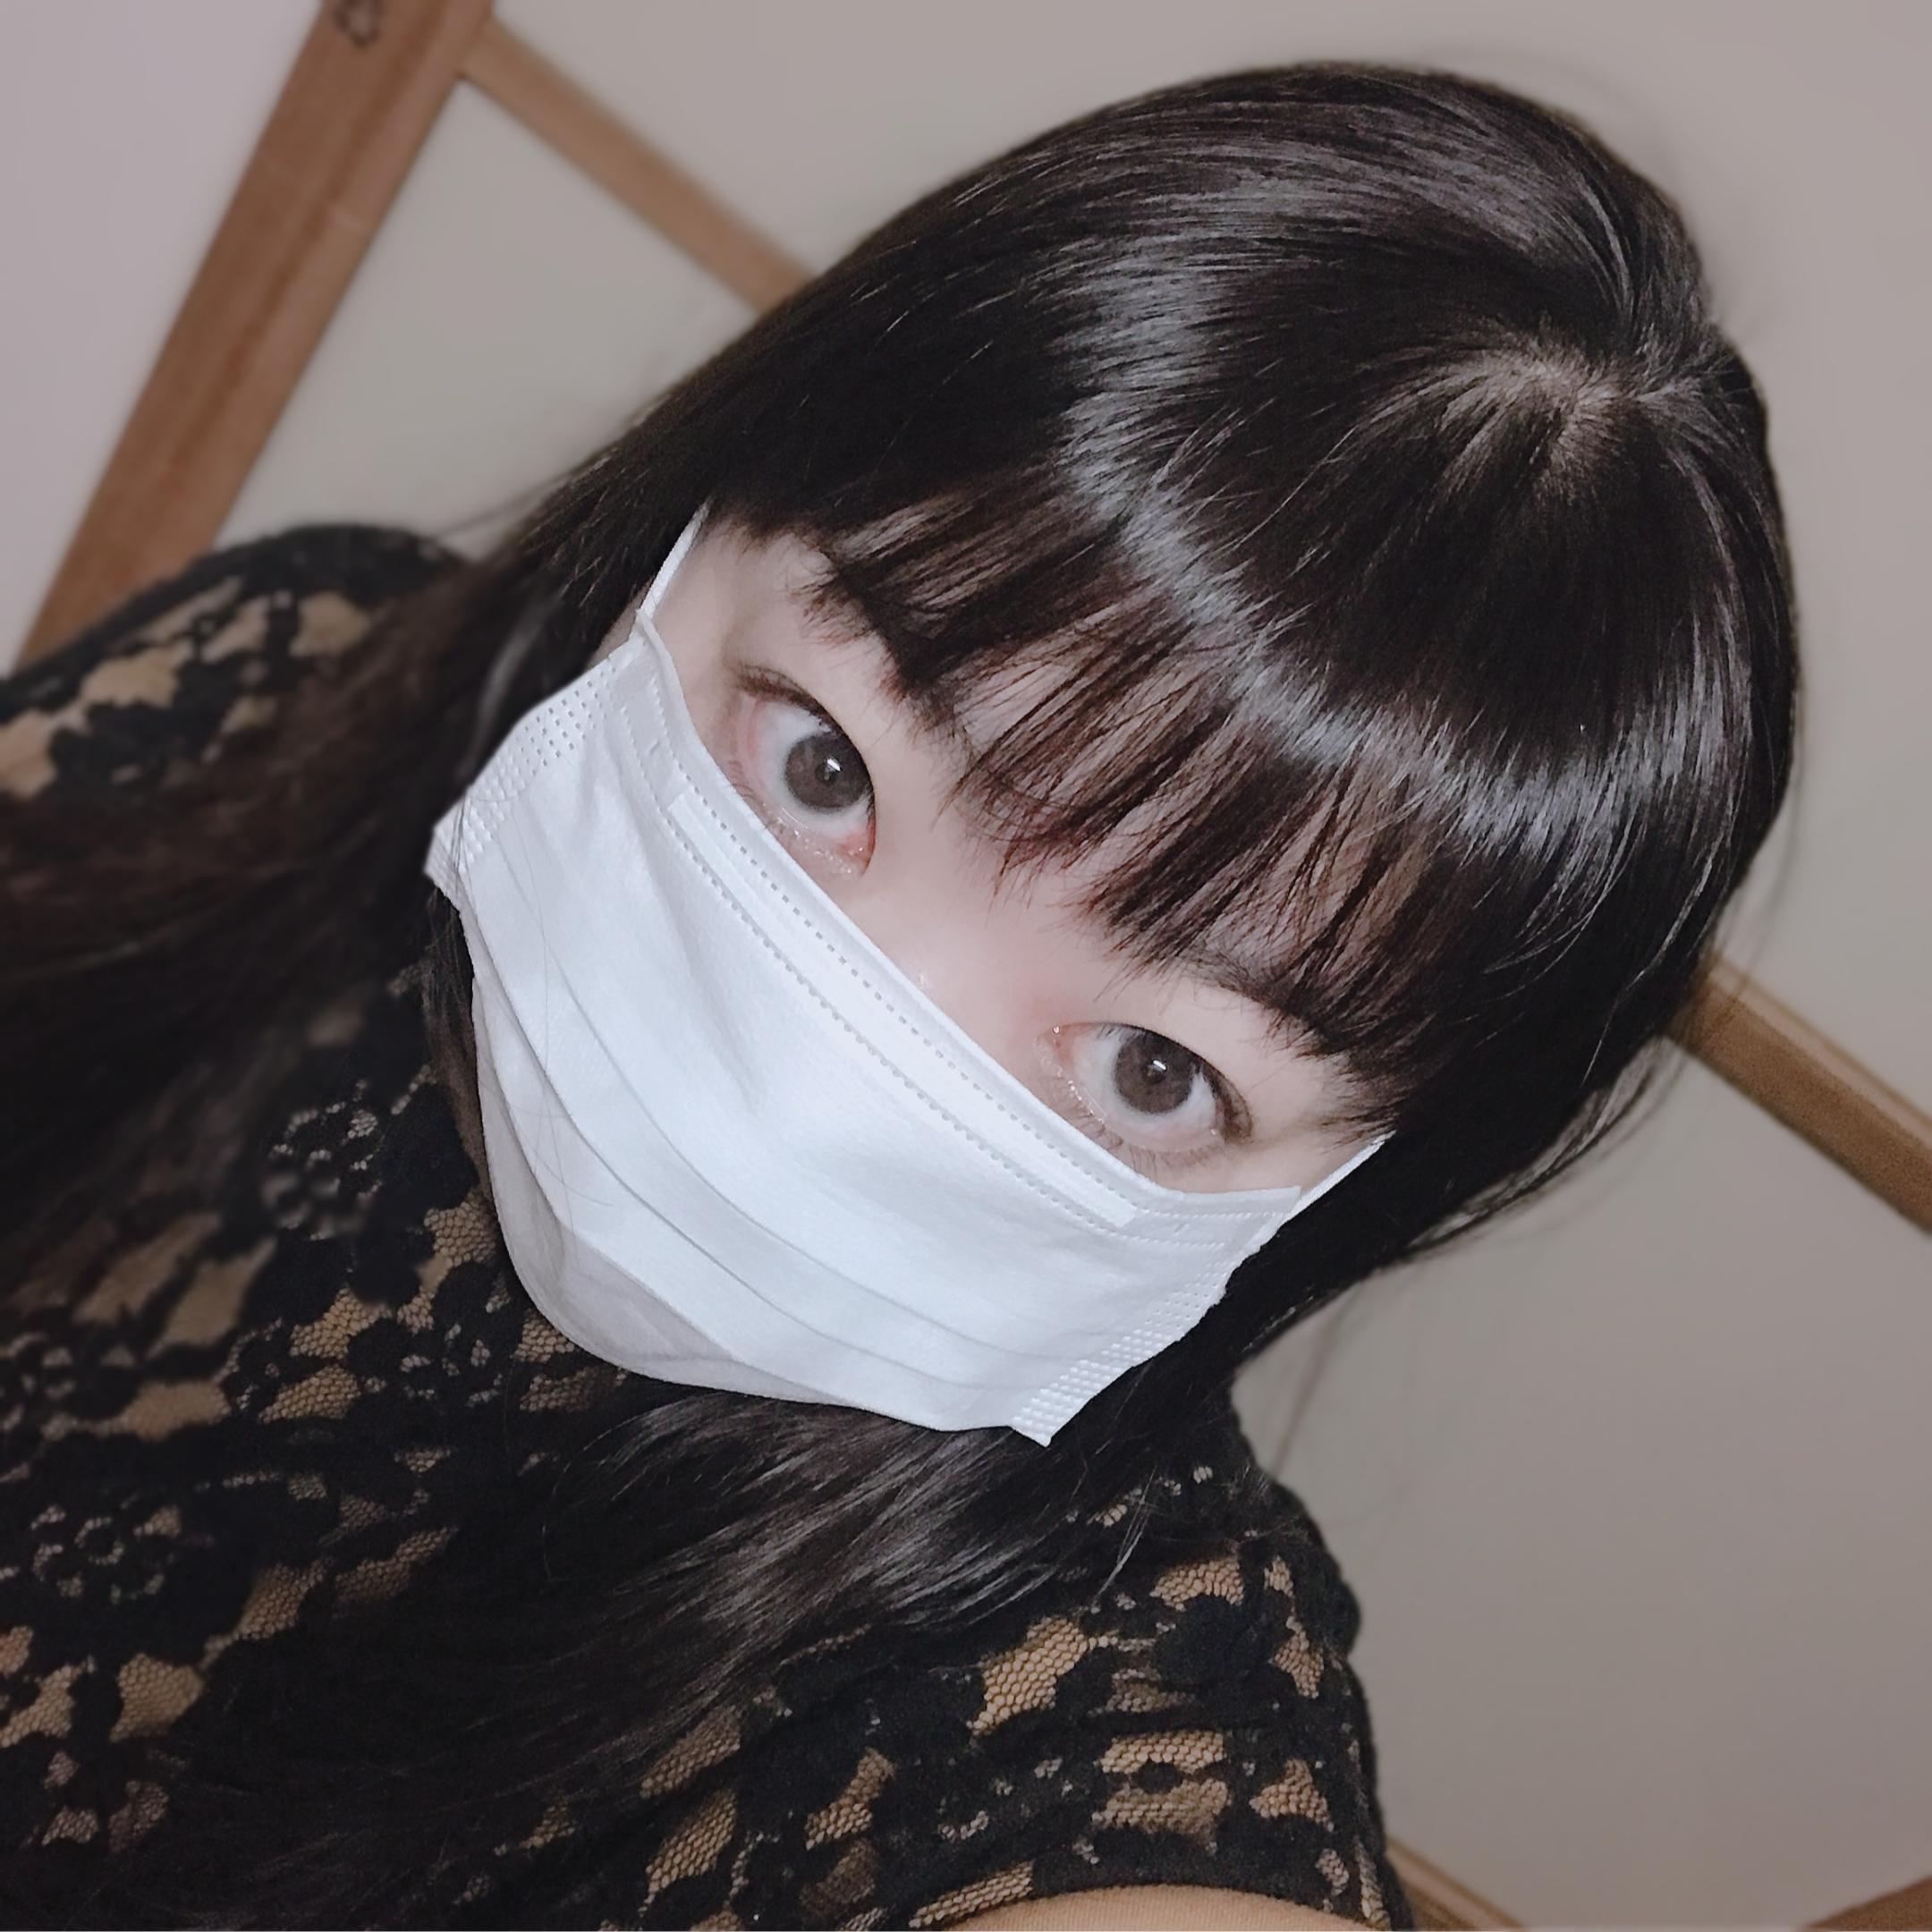 咲-さき-「K様❤︎」01/10(木) 11:47 | 咲-さき-の写メ・風俗動画